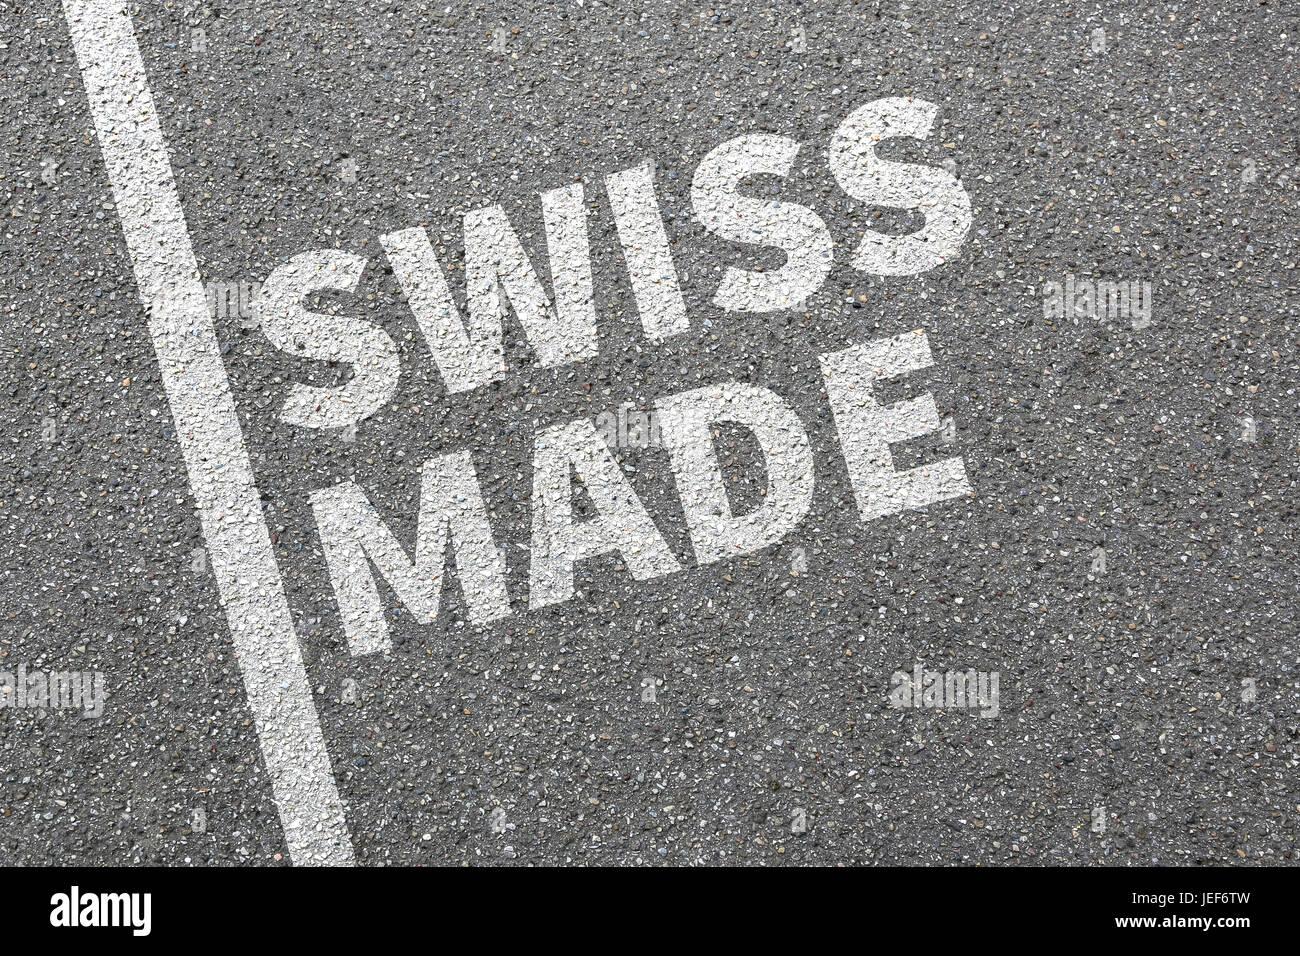 Swiss made product marketing di qualità azienda concept Immagini Stock